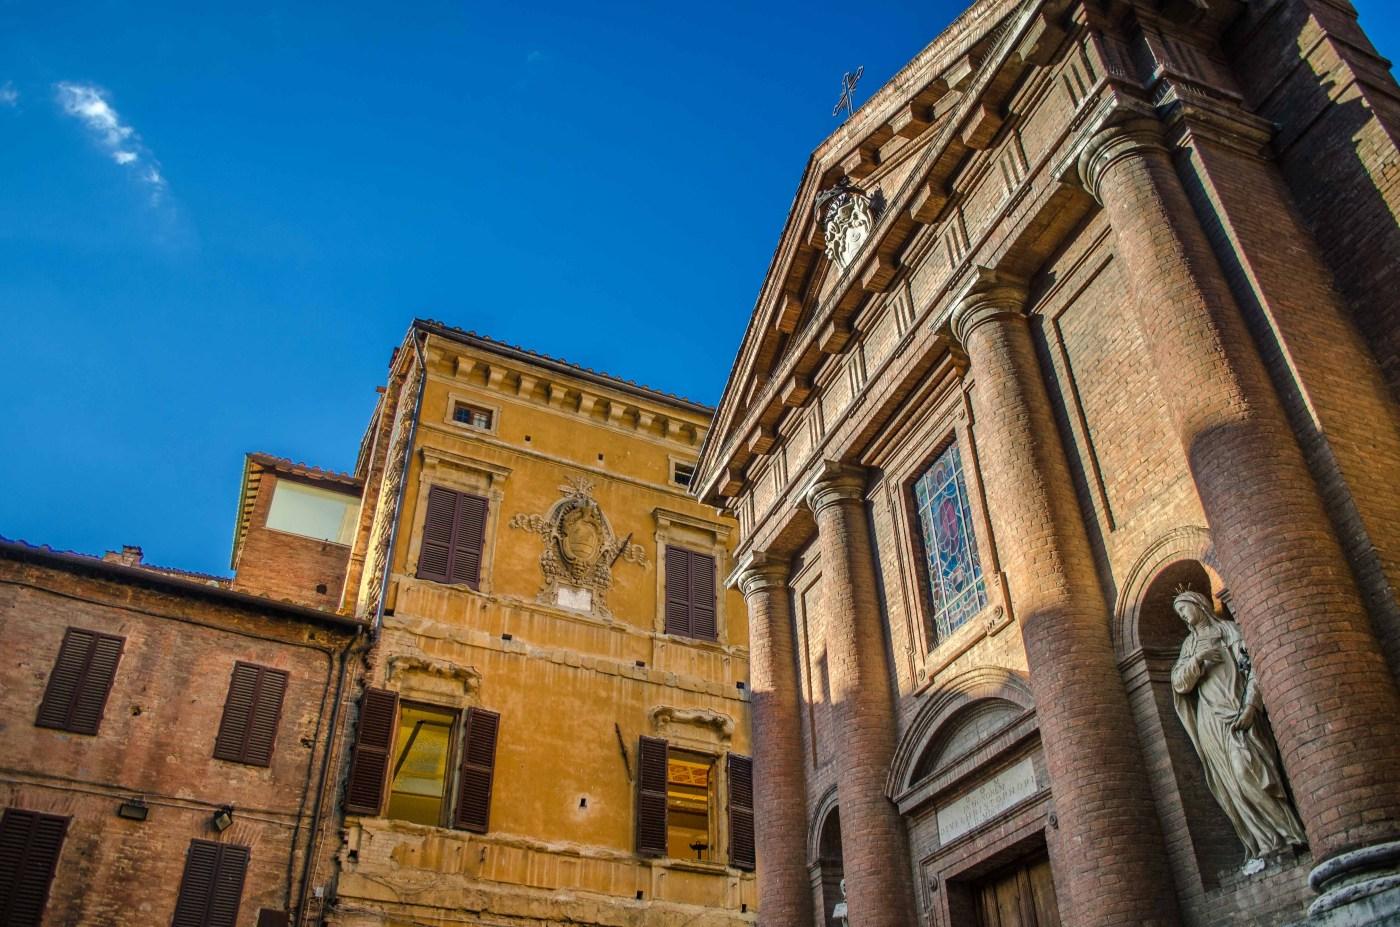 Sienne blog voyag comment aller à Sienne, que faire à Sienne Toscane